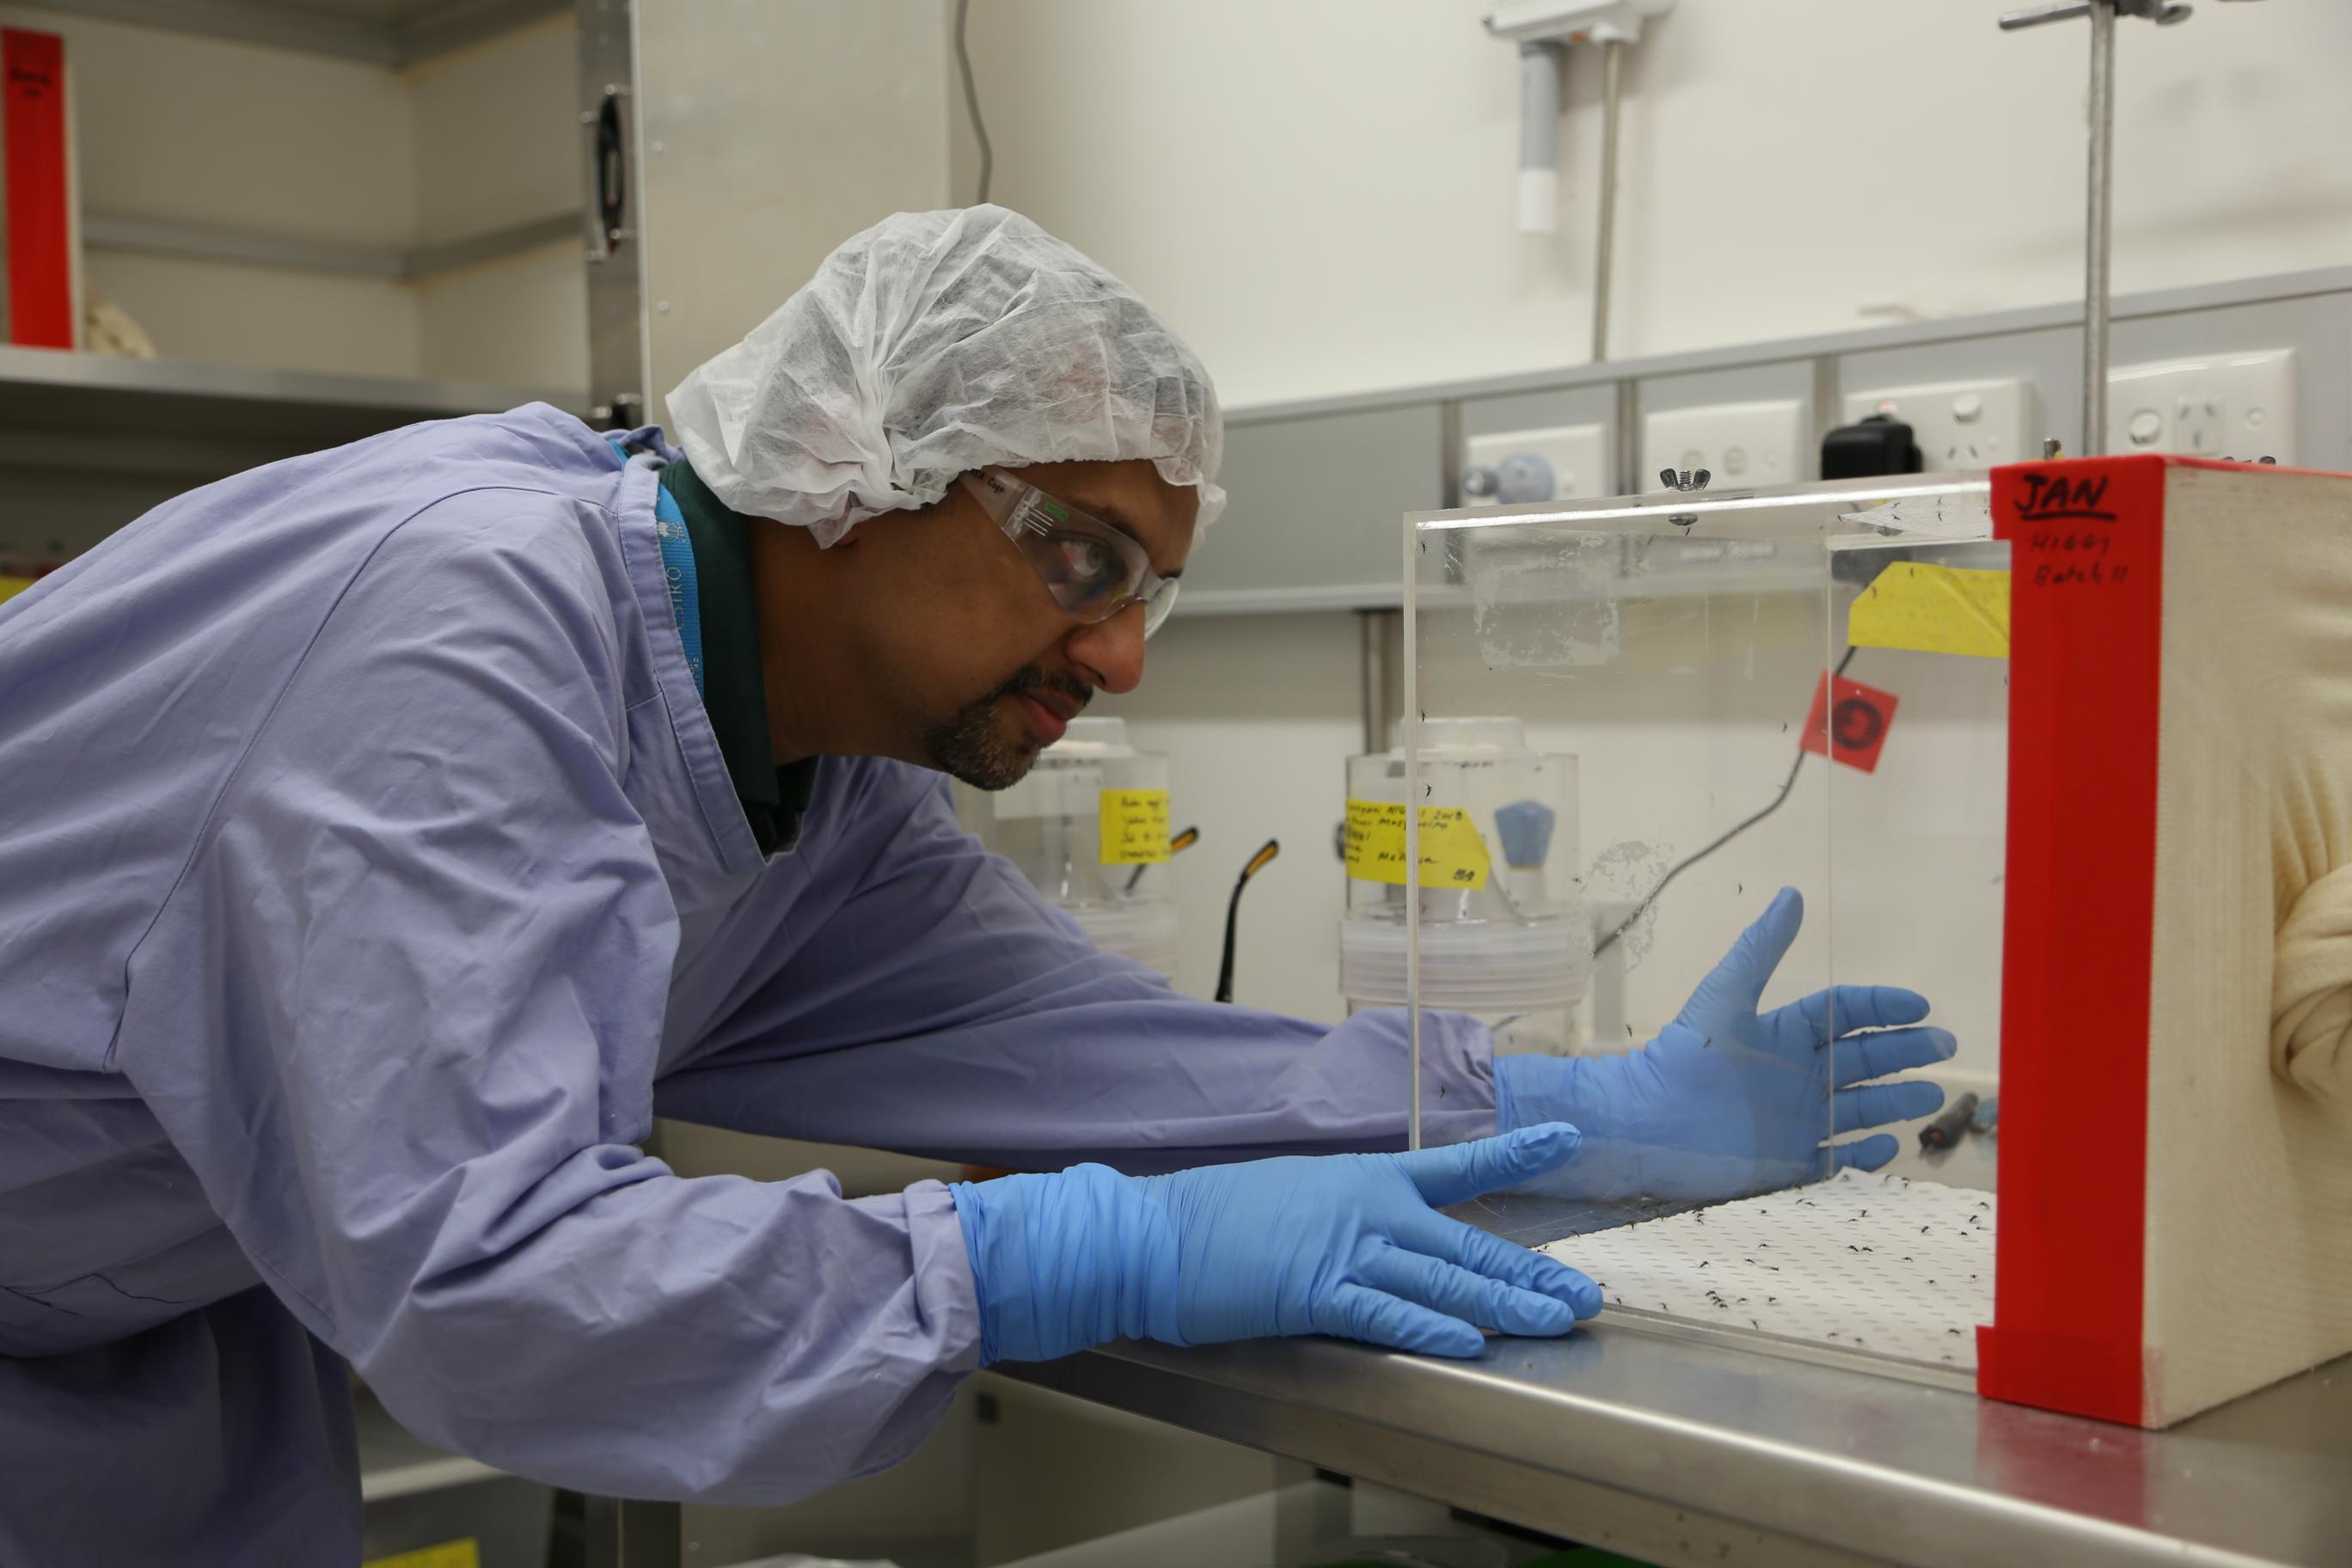 Доктор Прасад Парадкар за работой.